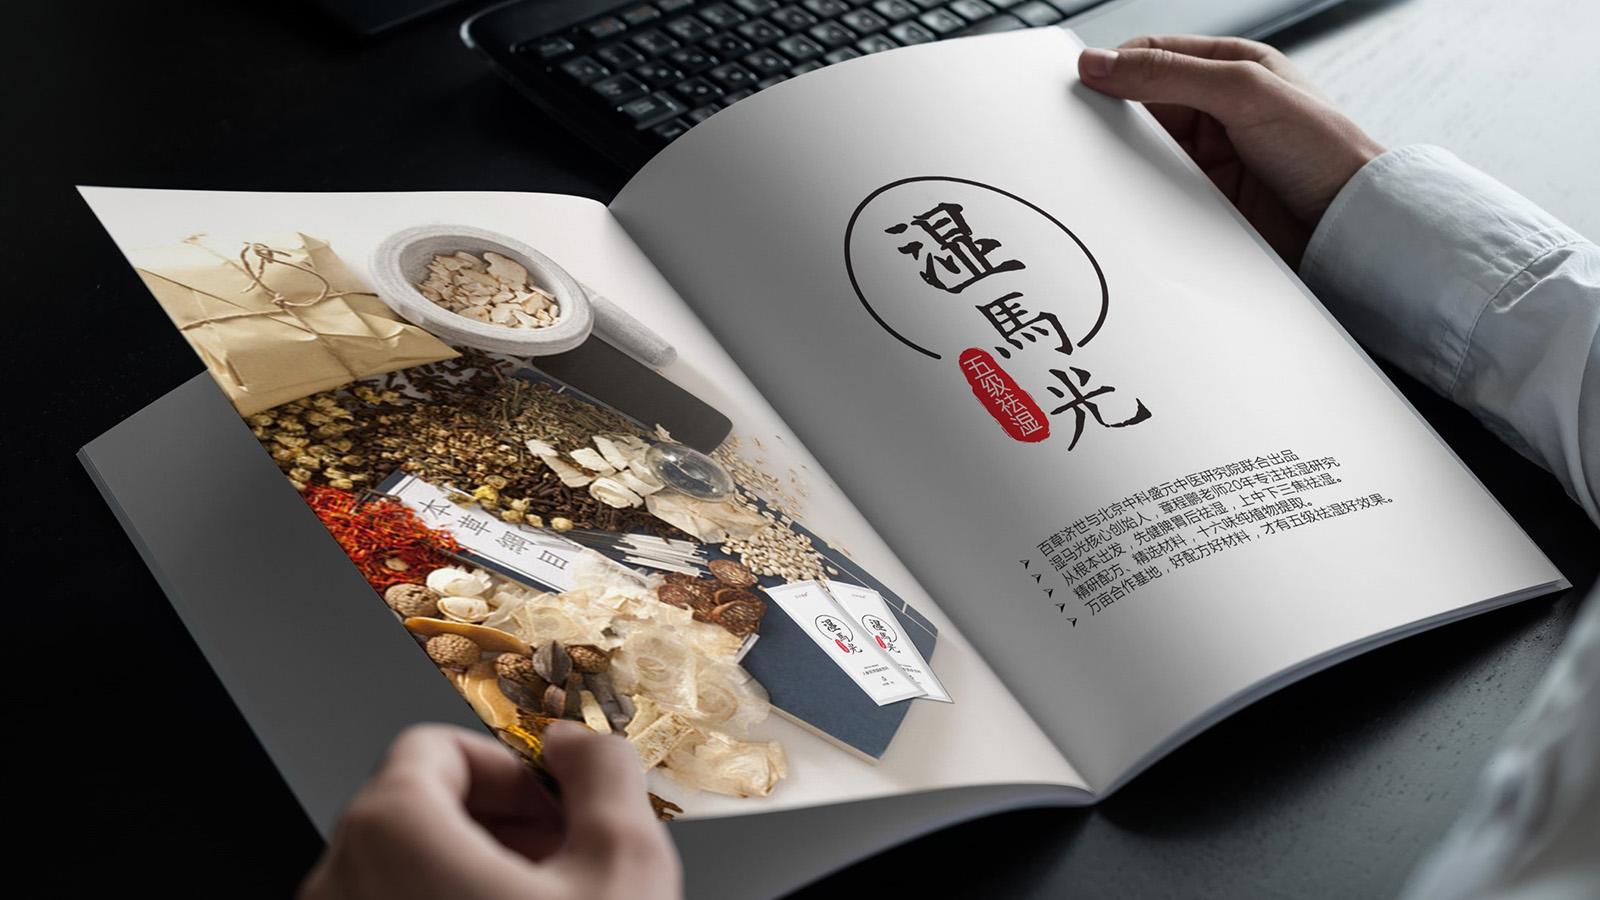 人体祛湿产品品牌营销策划设计